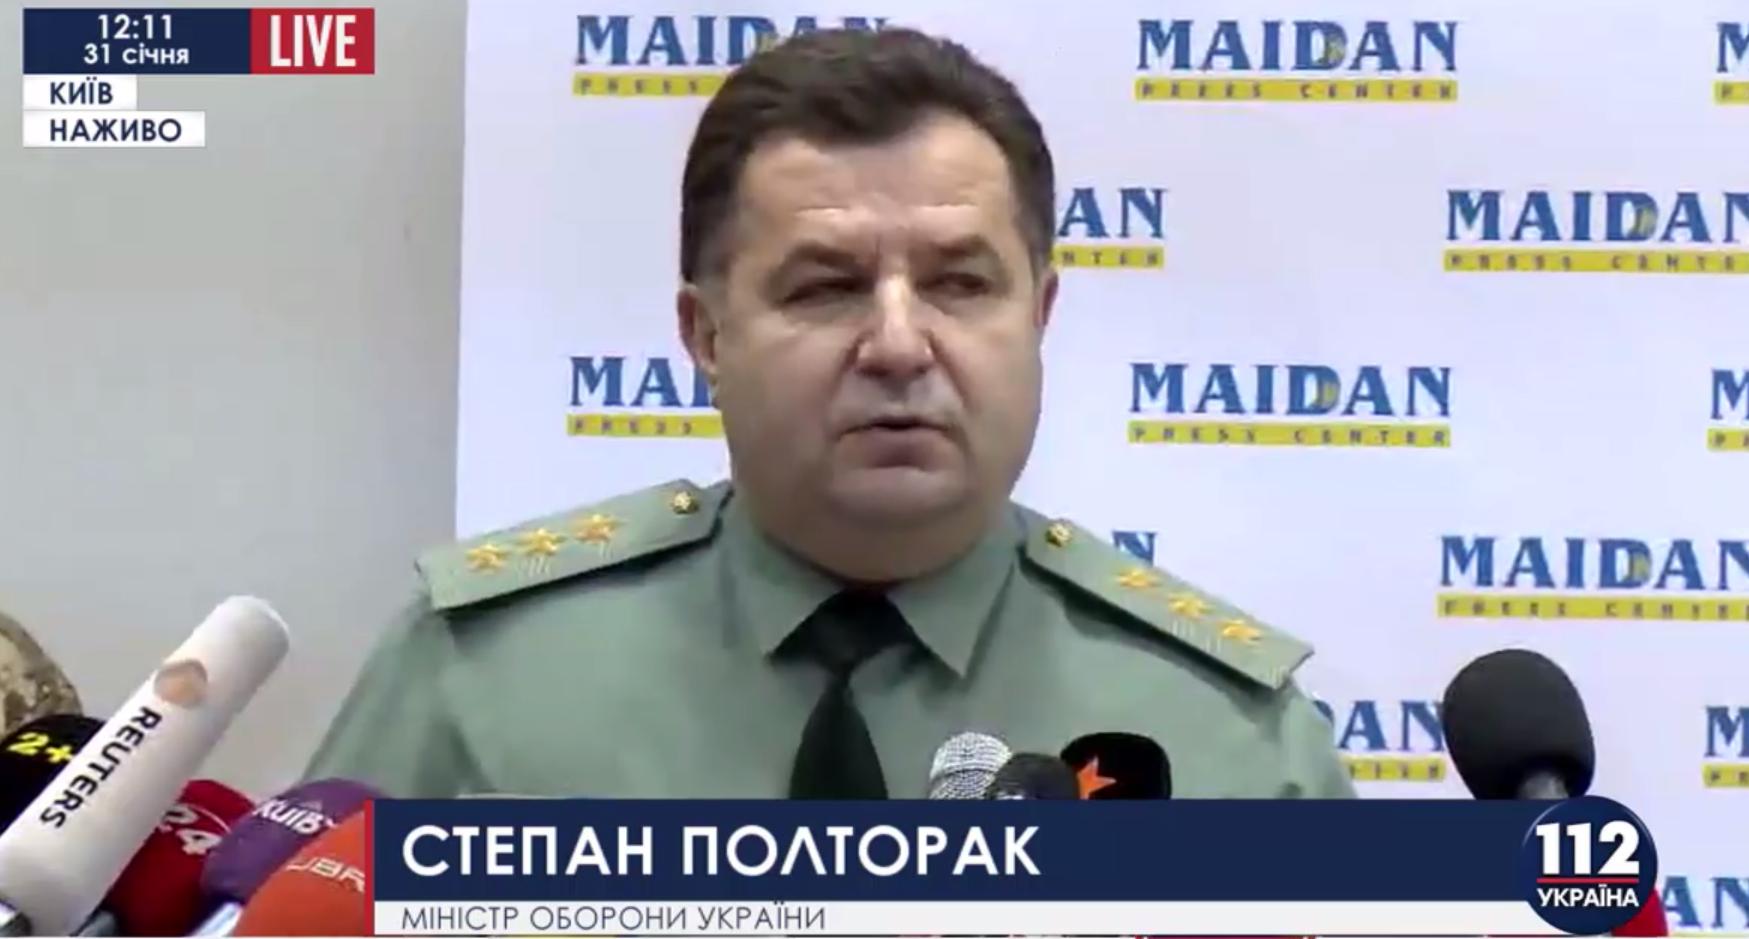 На пожар приехал украинский министр обороны Полторак: готовится эвакуировать авиационную базу | Русская весна